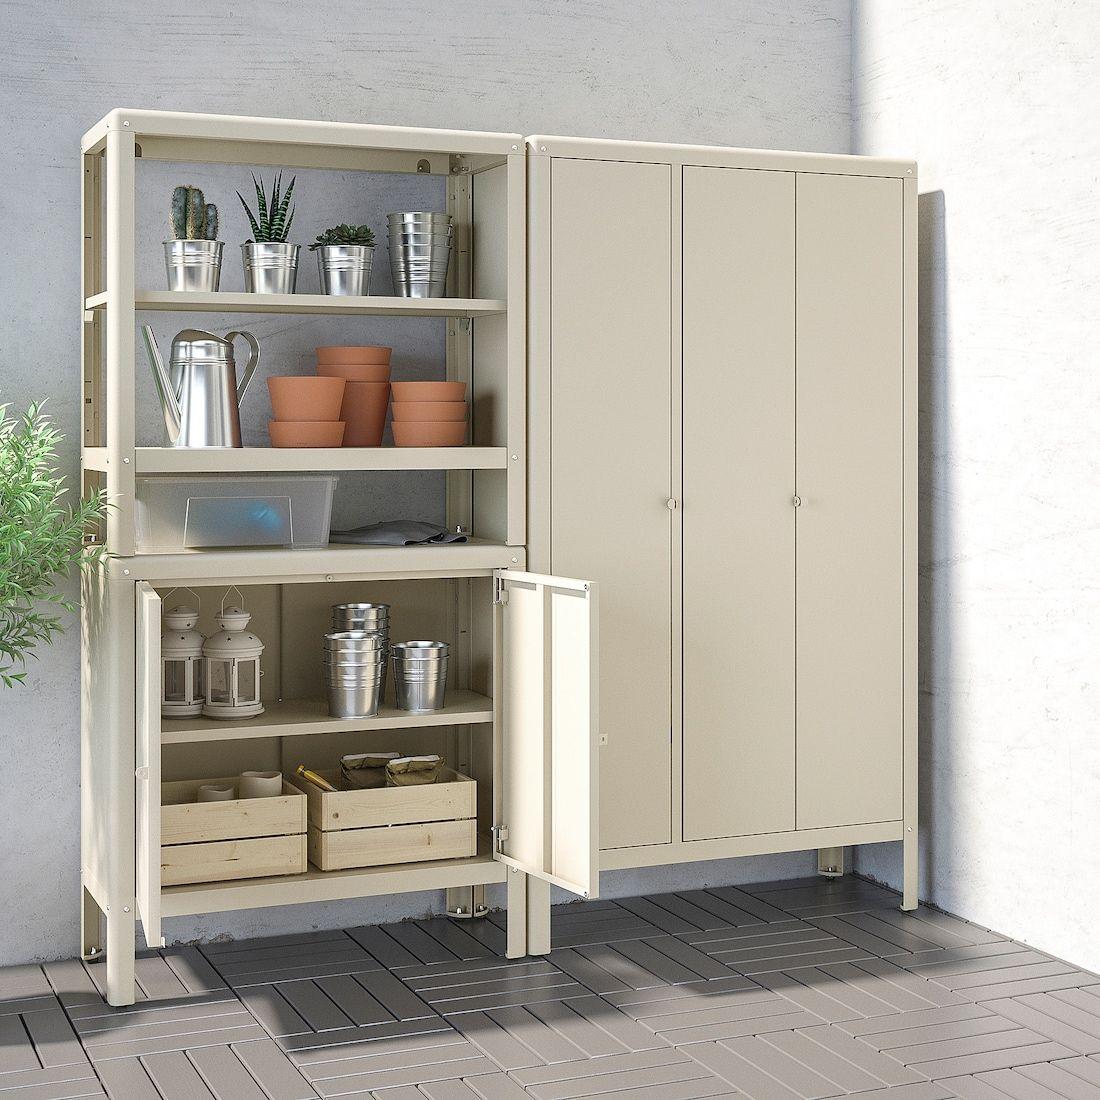 Kolbjorn Shelving Unit With 2 Cabinets Beige Width 67 3 8